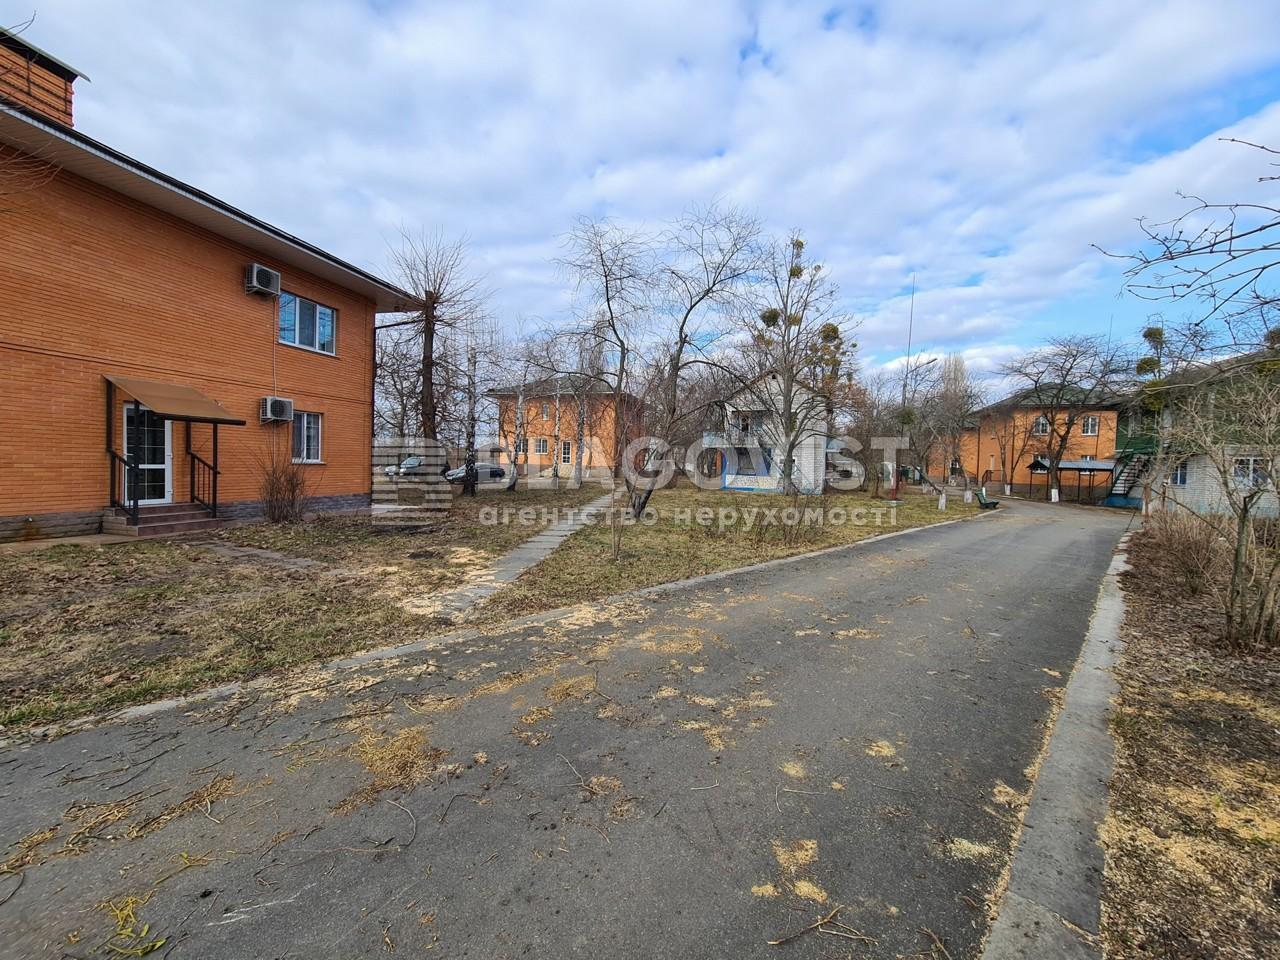 Земельный участок R-38267, Деснянская (с. Троещина), Киев - Фото 20